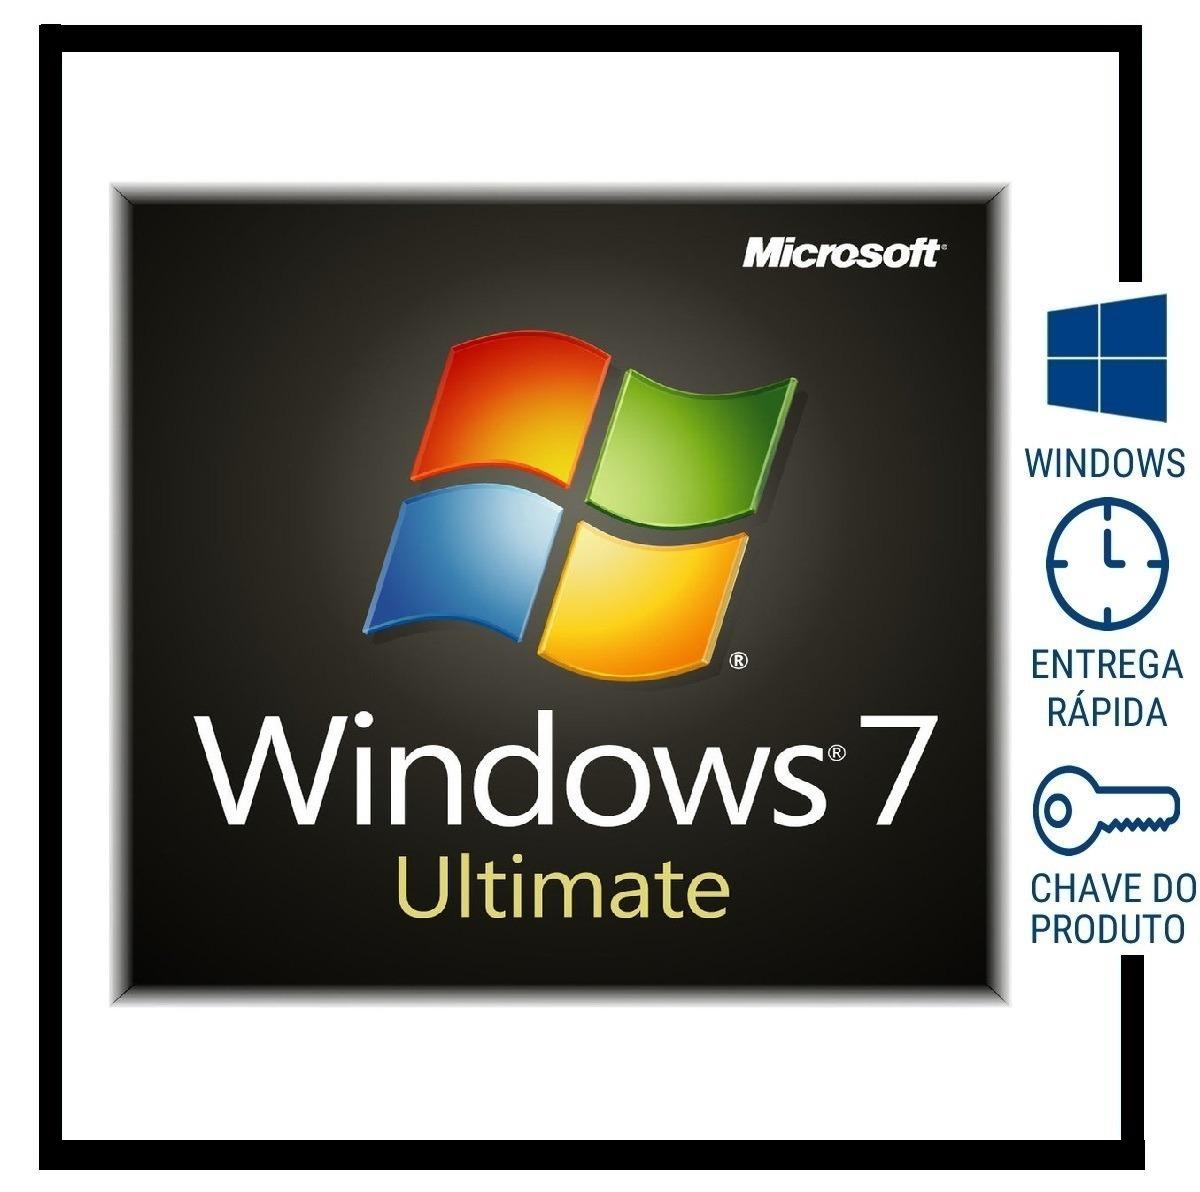 chave de ativação do windows 7 ultimate 32 bits gratis